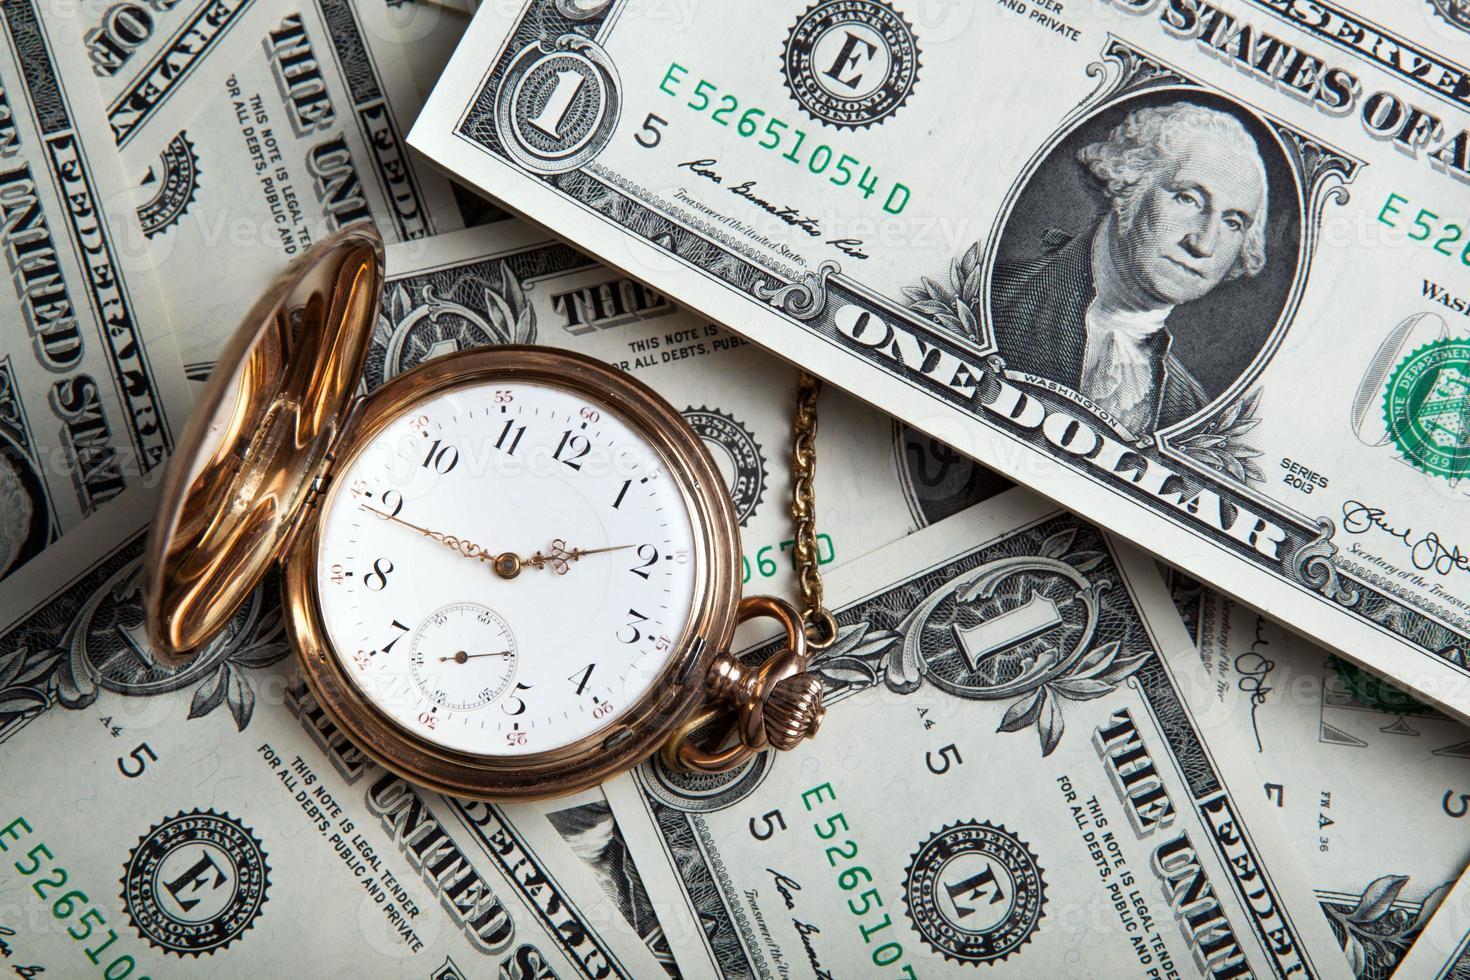 montre en or et billets d'un dollar photo